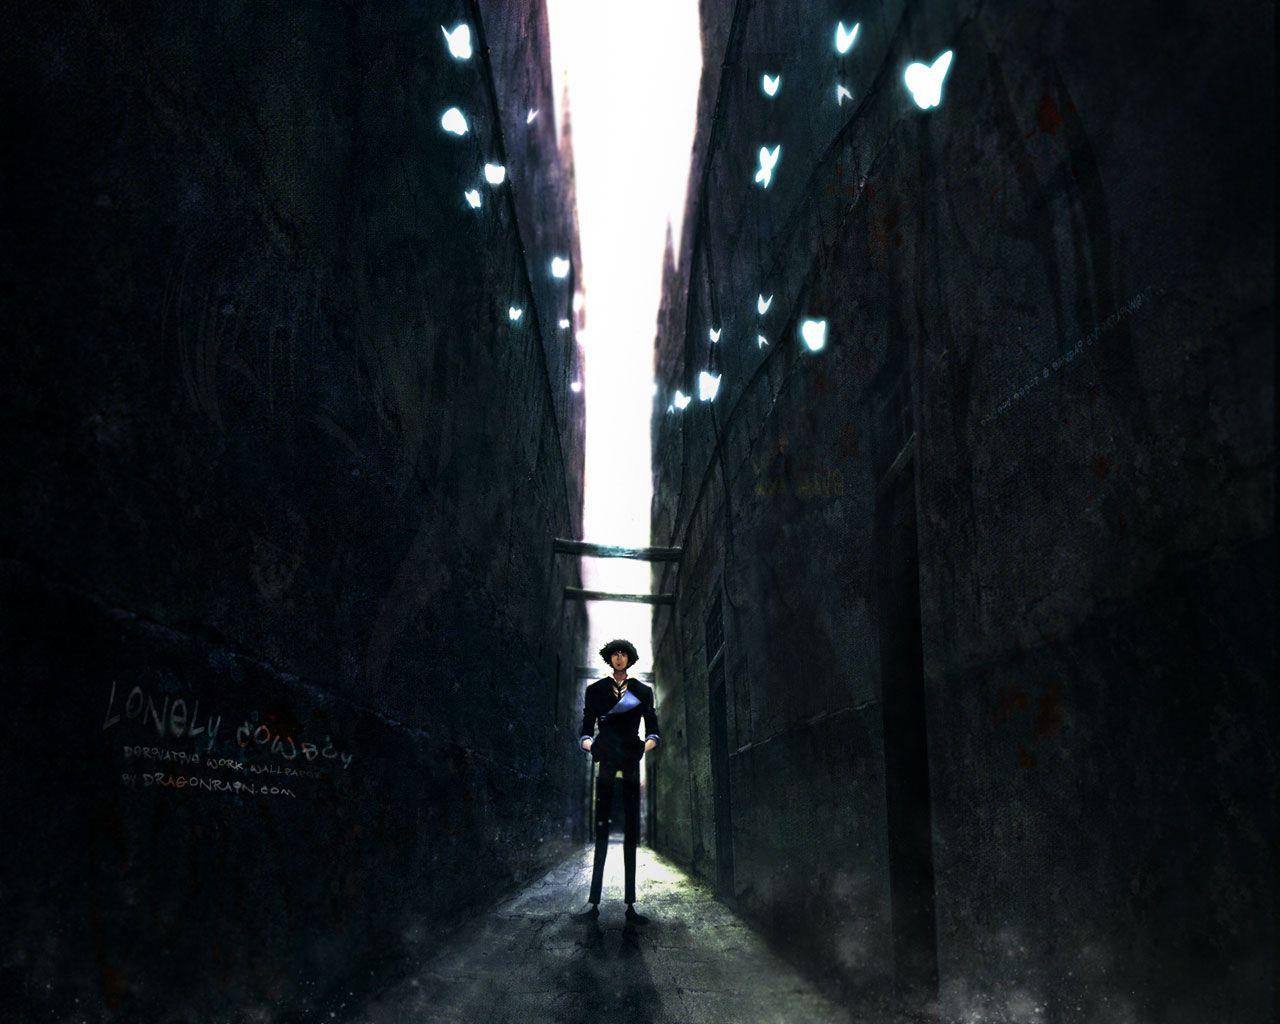 Cowboy Bebop Wallpaper: Dark Alleyway